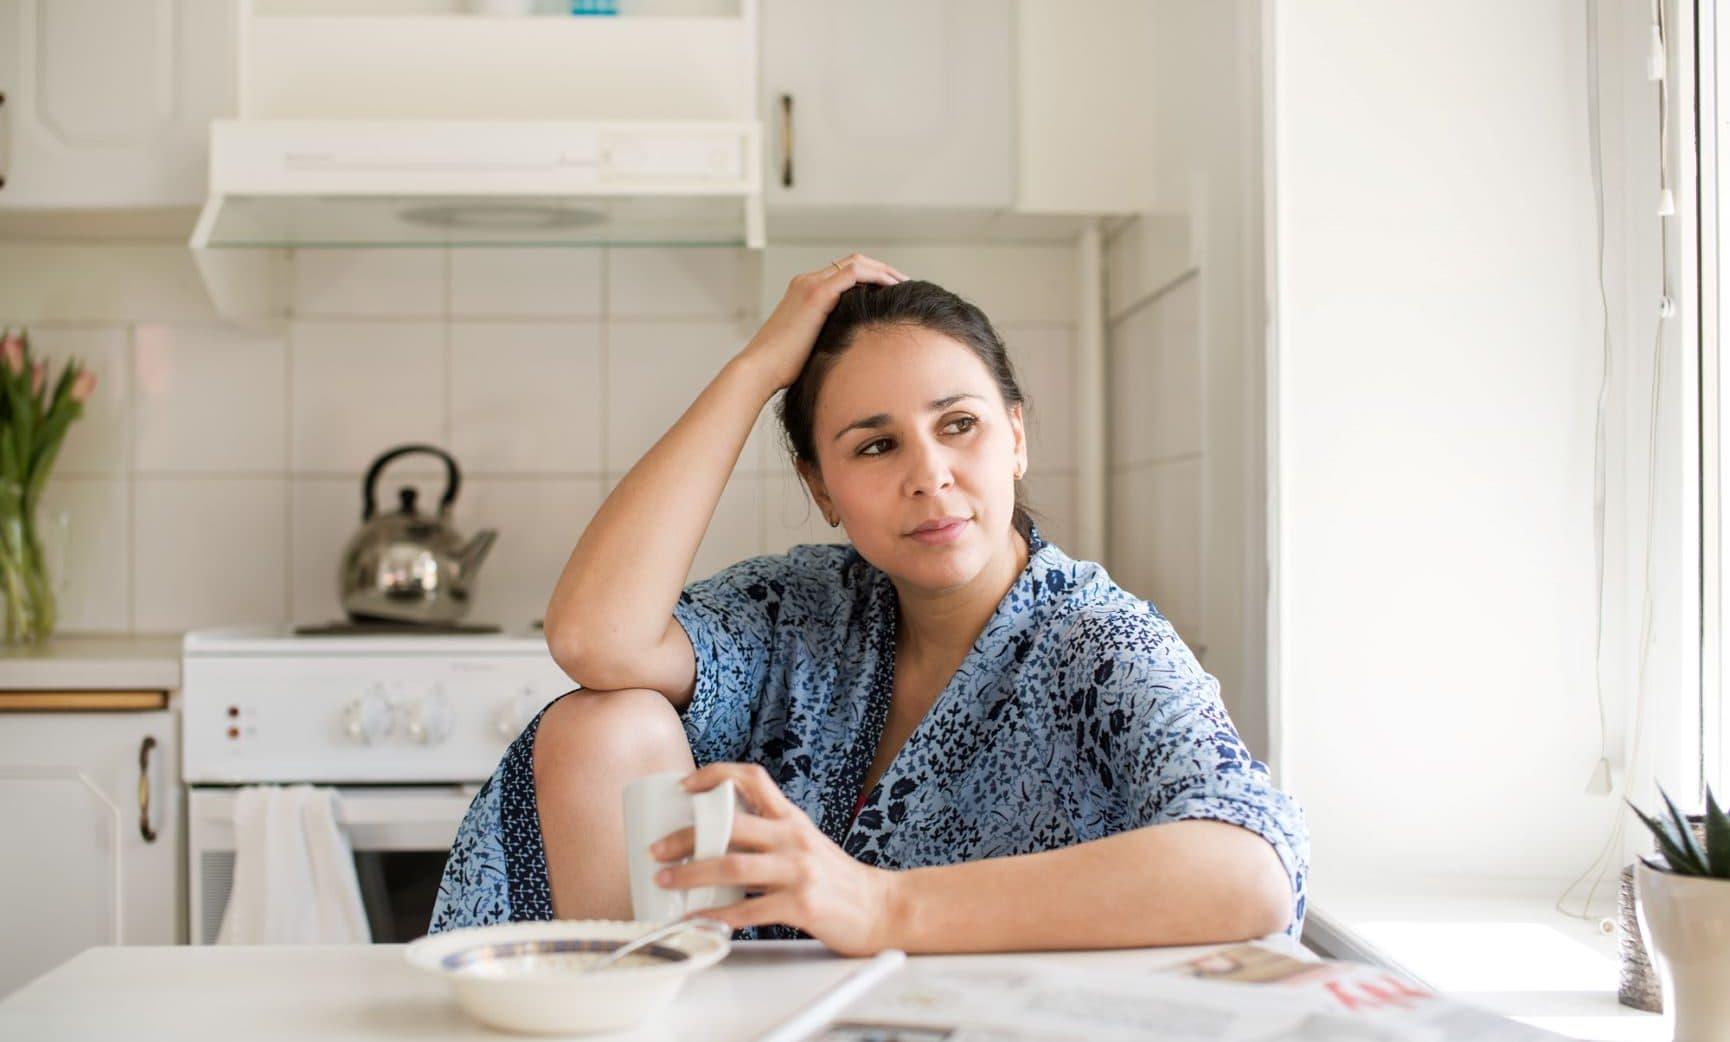 Sjekkliste: 13 vanlige tegn på at du er gravid | RFSU.no